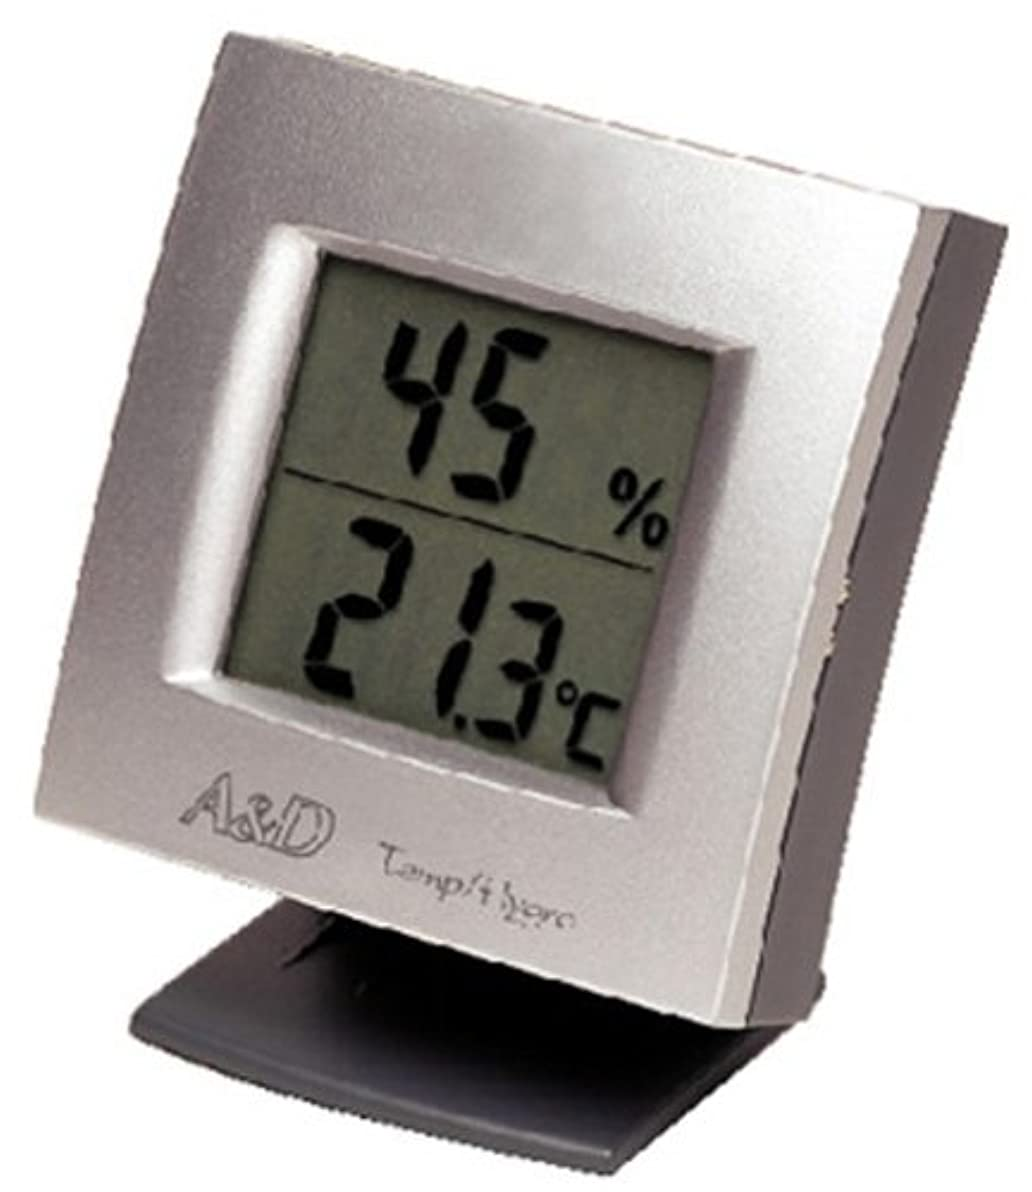 もっともらしい真っ逆さま突然のA&D インテリア温湿度計 AD-5649